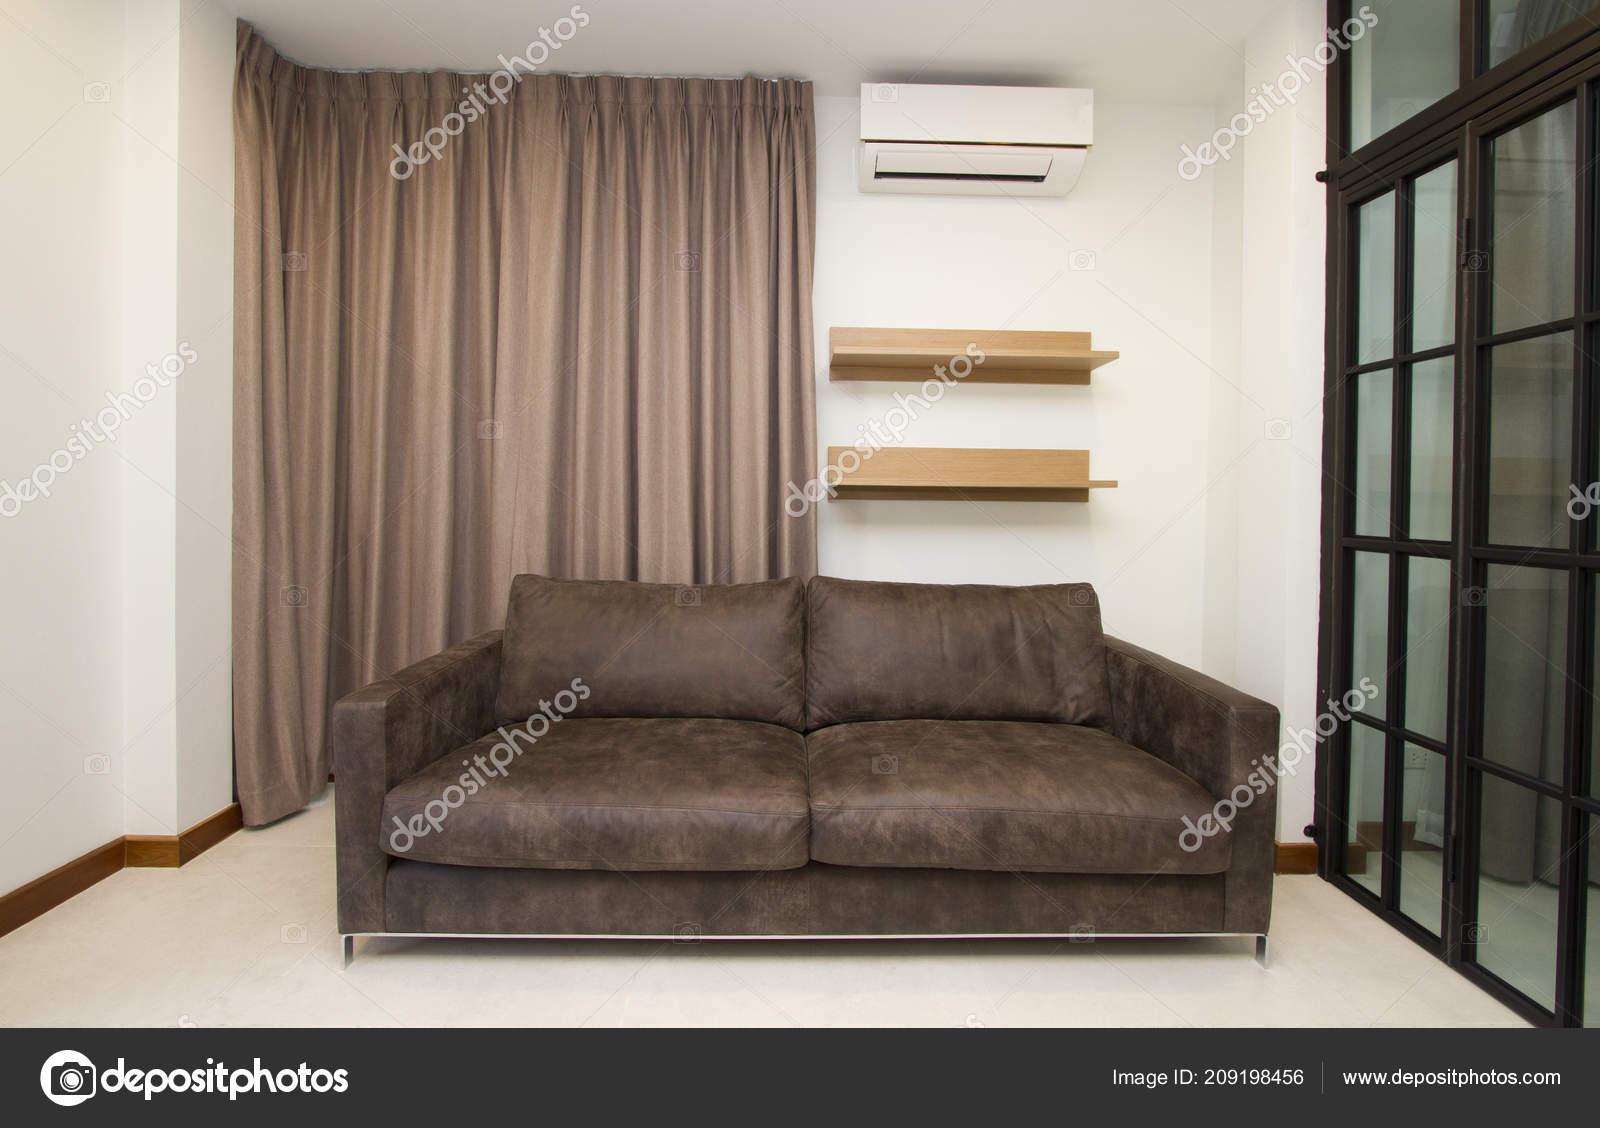 Canapé Cuir Dans Salon Moderne — Photographie drpnncpp © #209198456